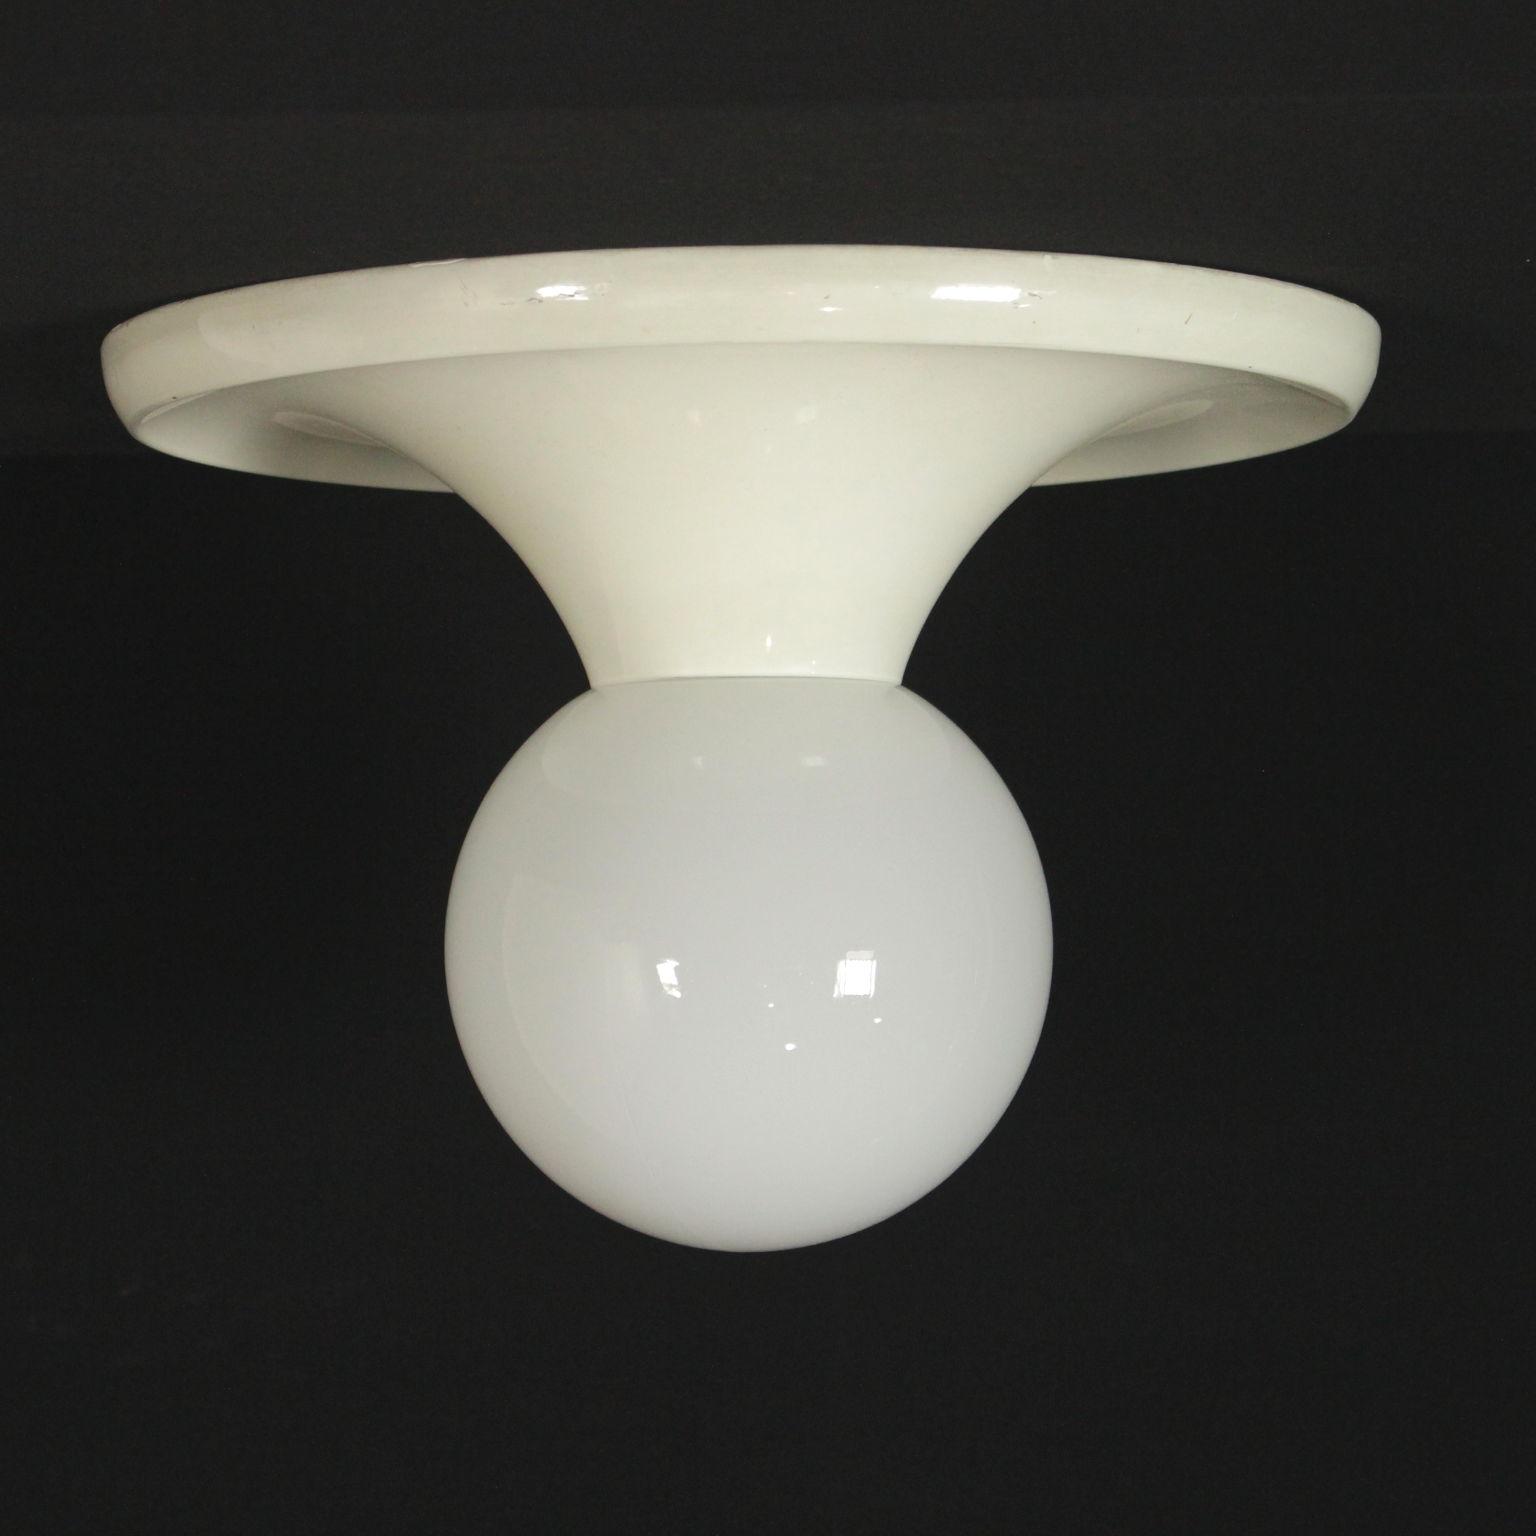 Lampada achille e pier giacomo castiglioni illuminazione for Castiglioni lampada